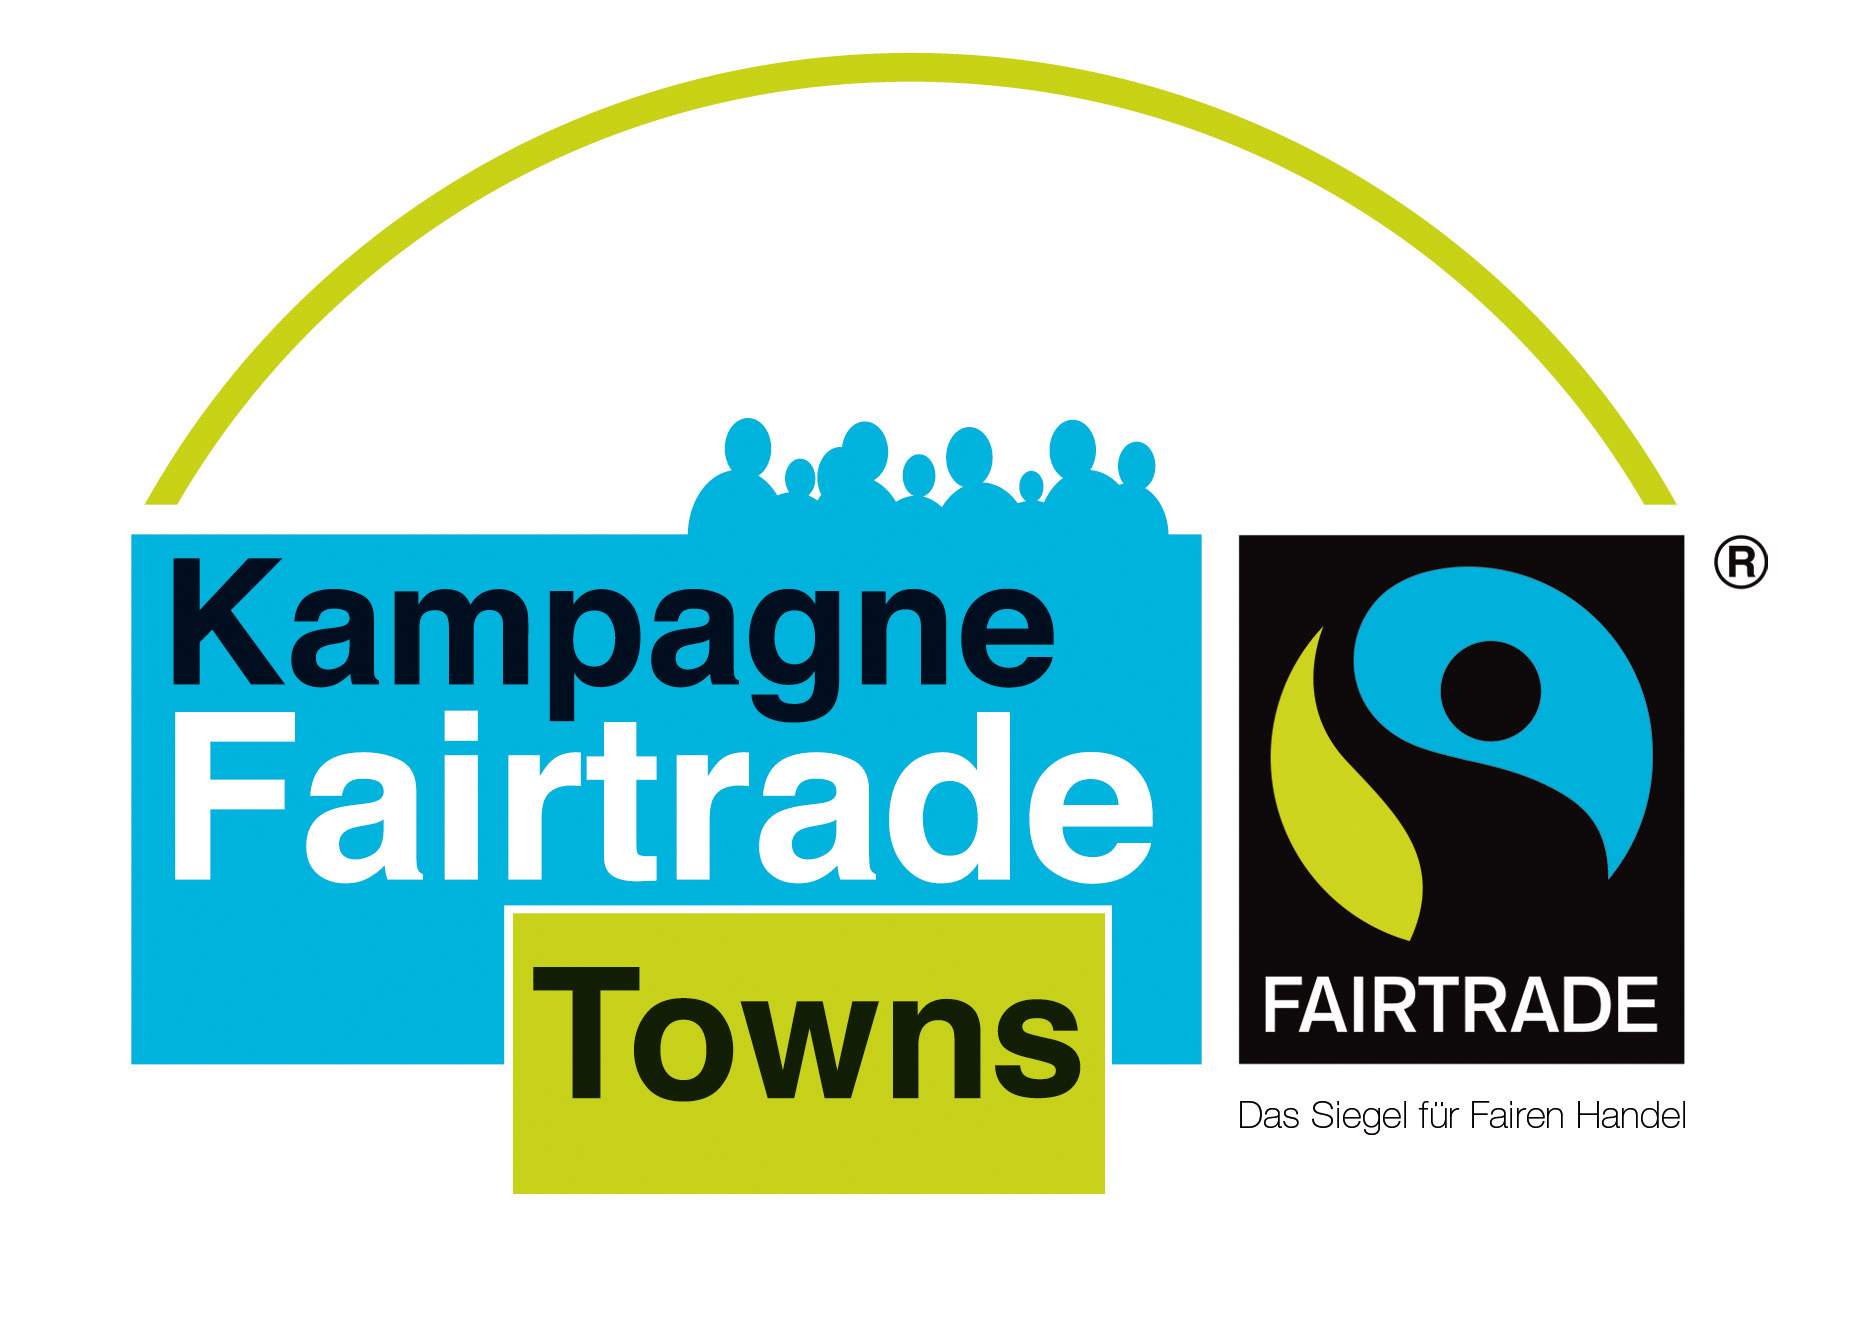 https://www.faire-welt-chemnitz.de/wp-content/uploads/2018/01/fairtrade-towns_logo_WEB.jpg